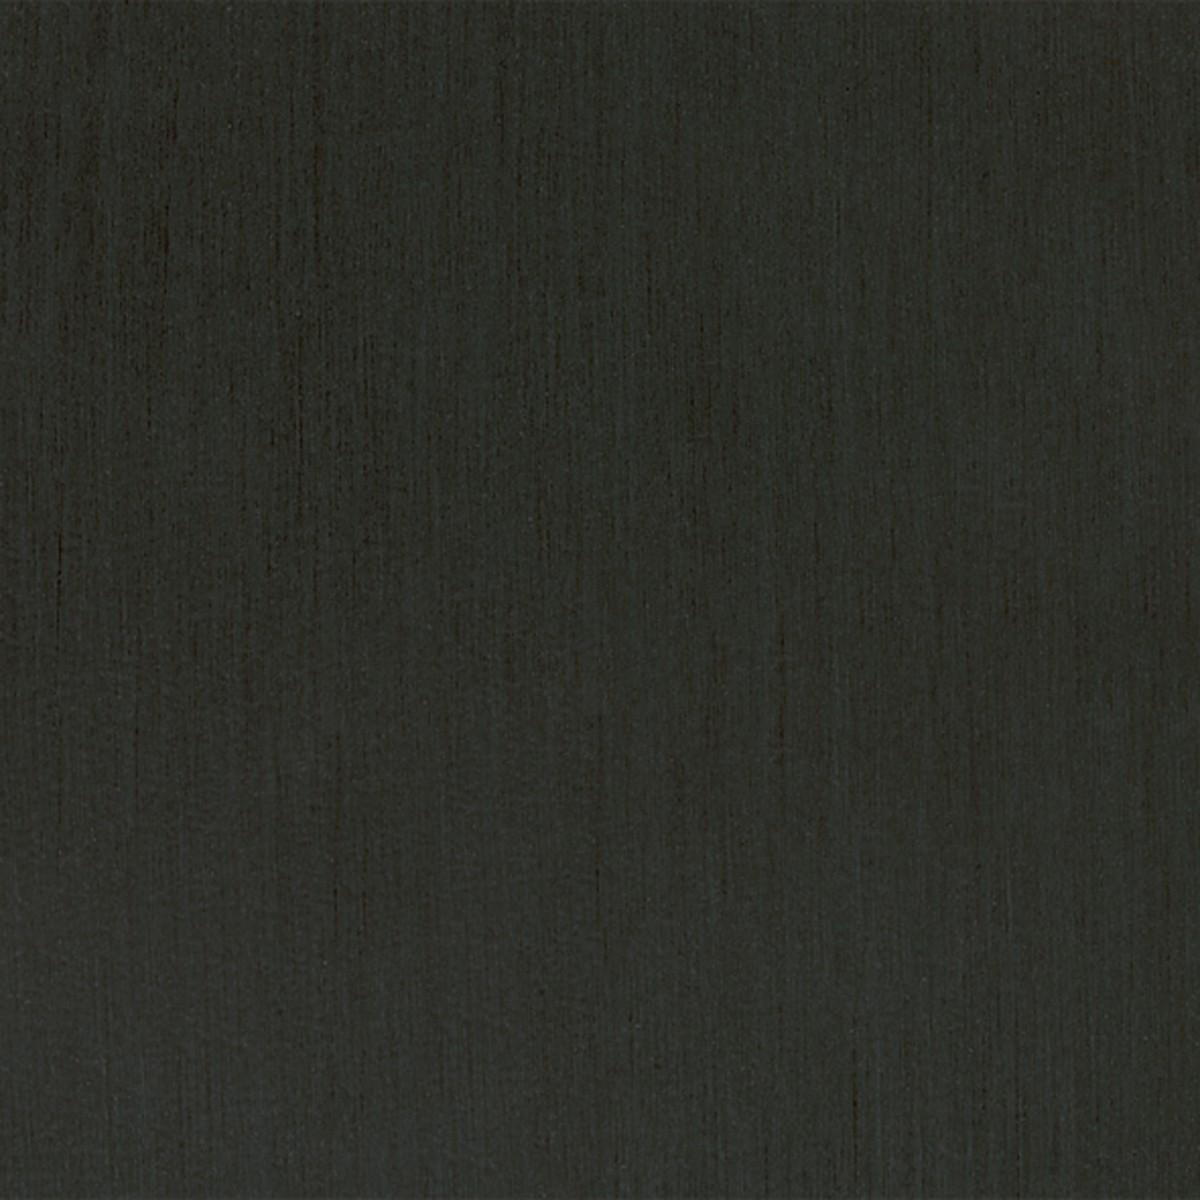 Holtkötter Leuchten 9604 Stehleuchte, Fume matt